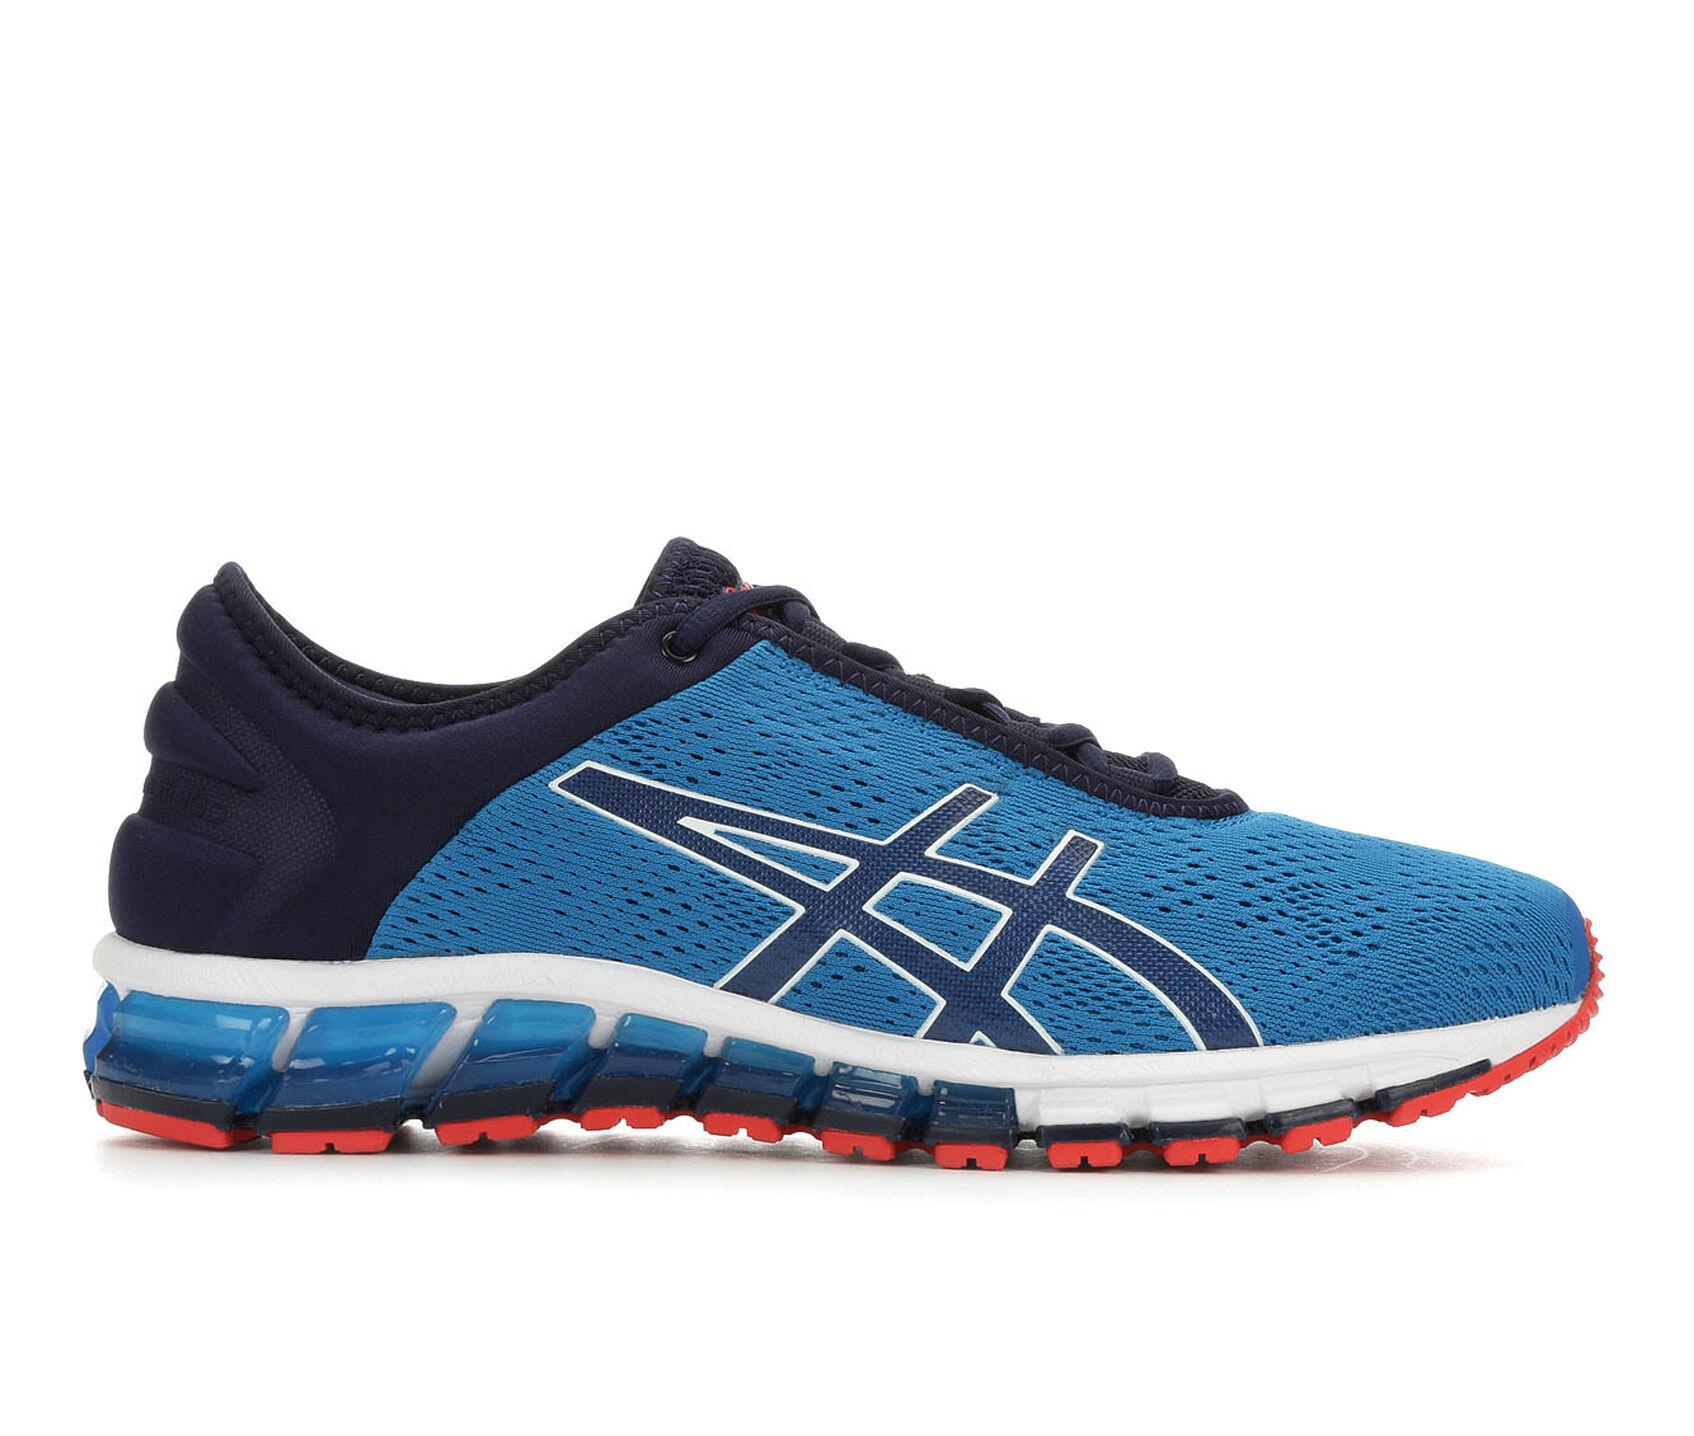 8f21f7d8a Men s ASICS Gel Quantum 180 3 Running Shoes